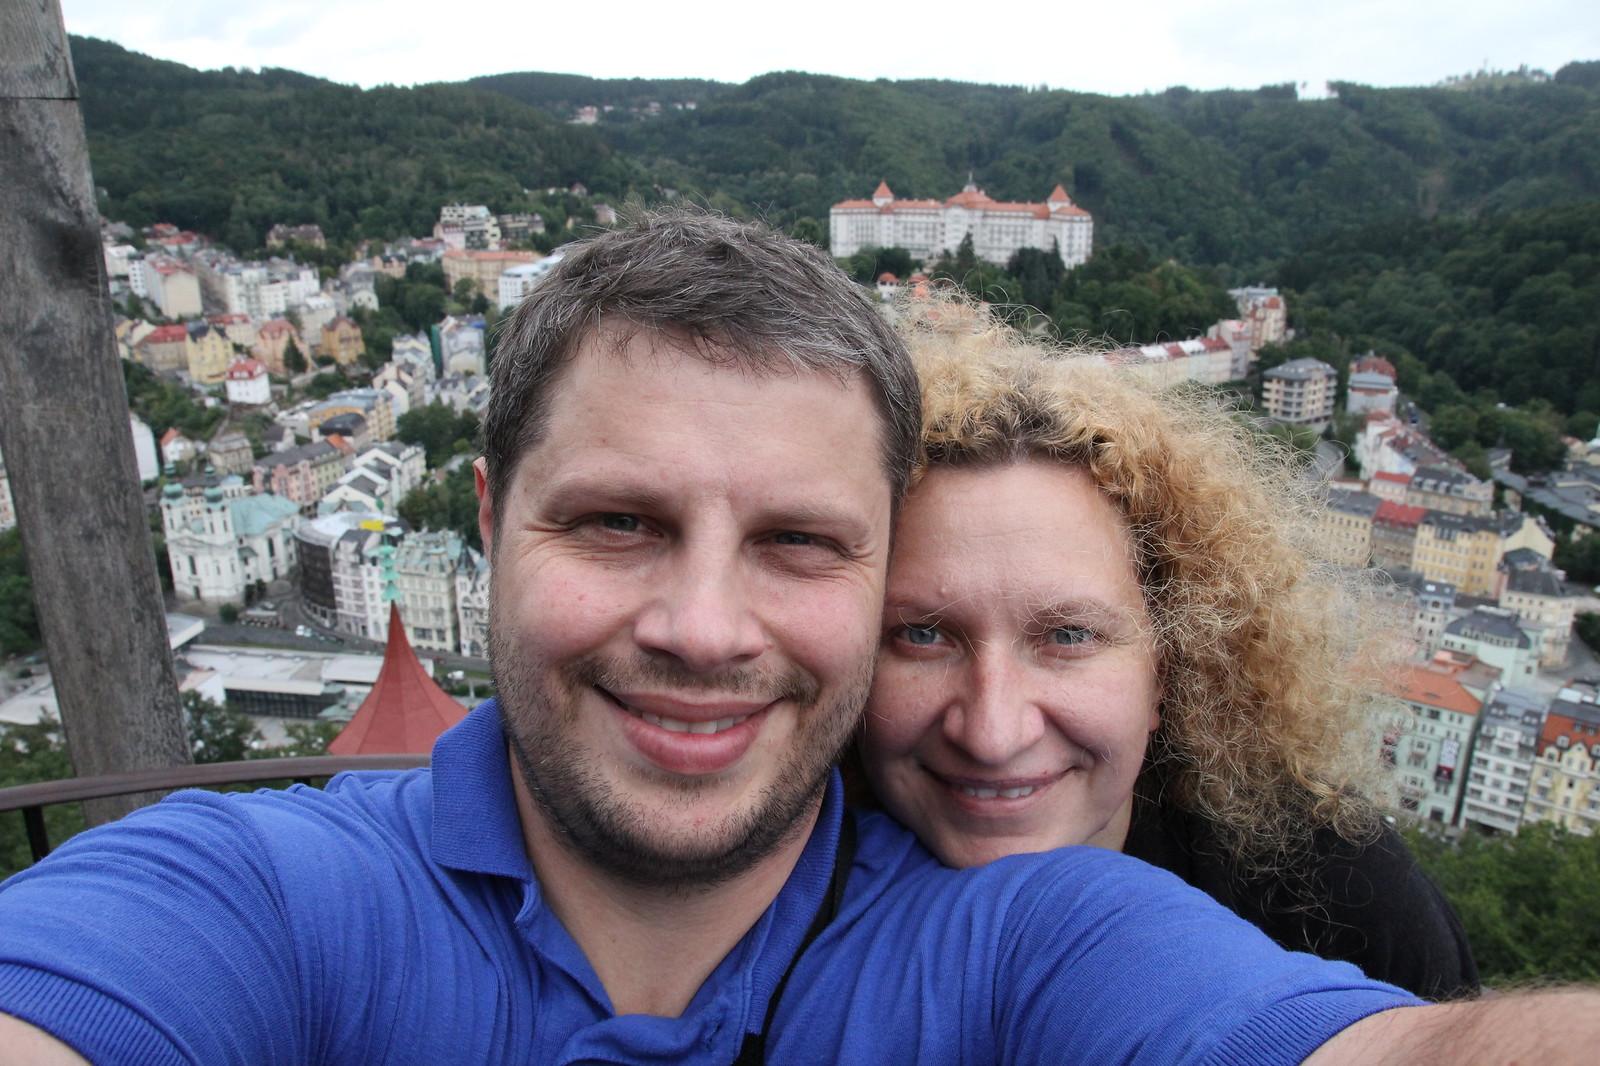 Tada nuvažiavom į Karlovy Vary.